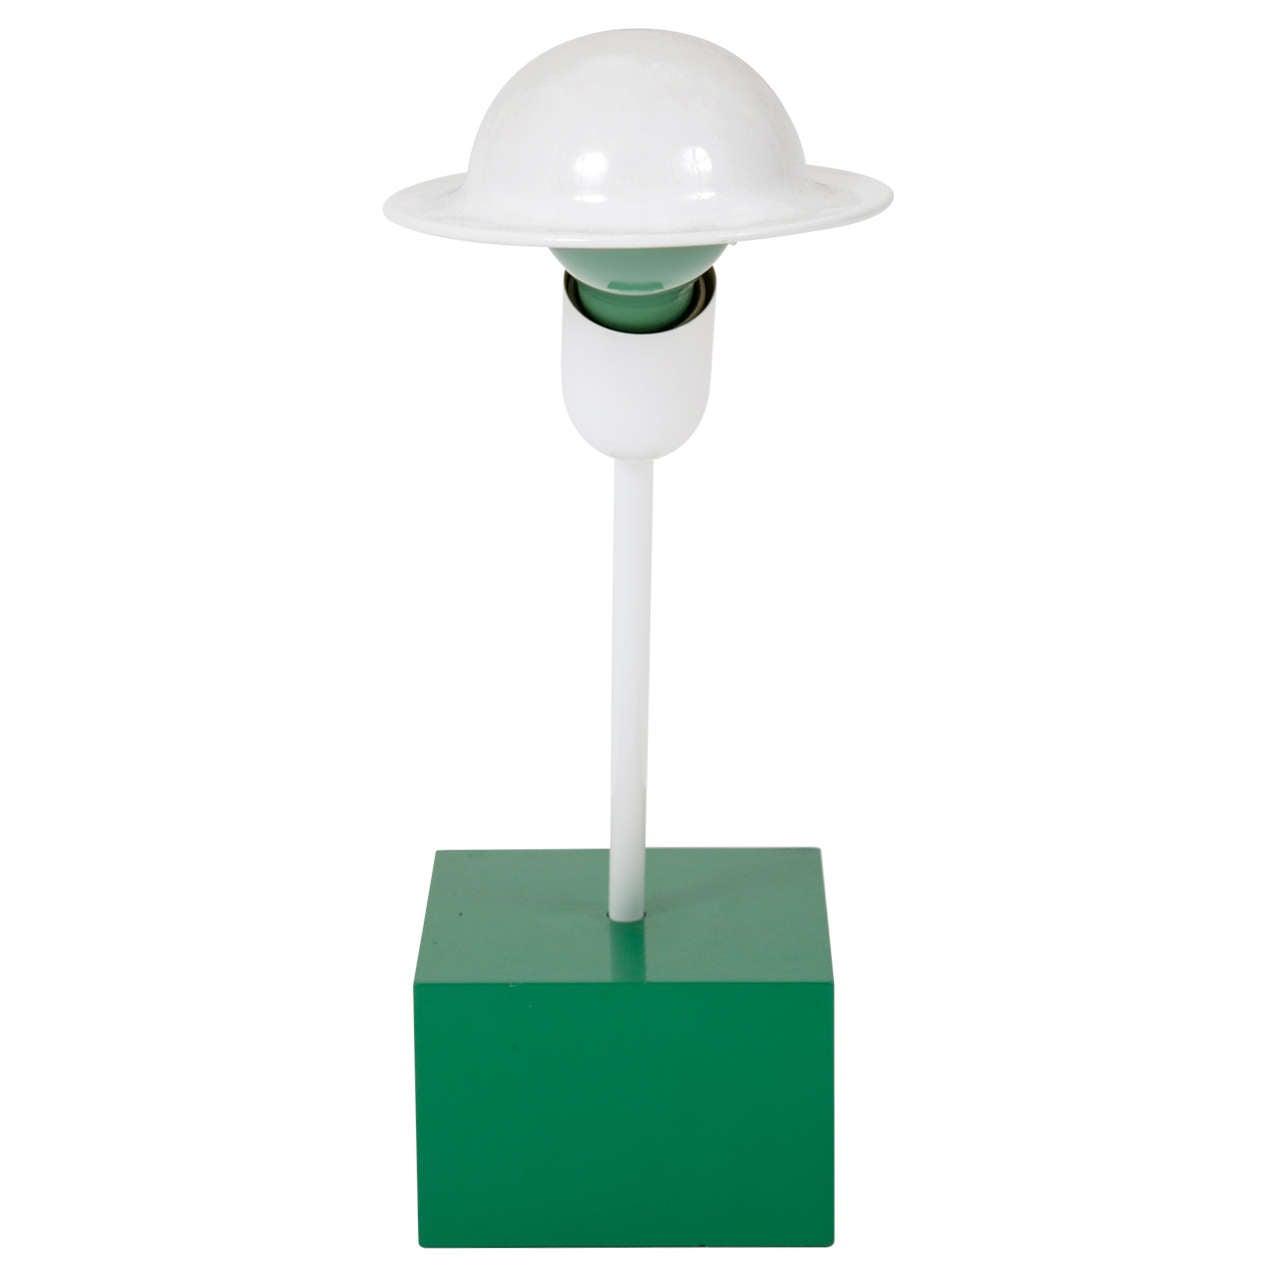 Ettore Sottsass For Stilnovo A Don Lamp Designed 1977